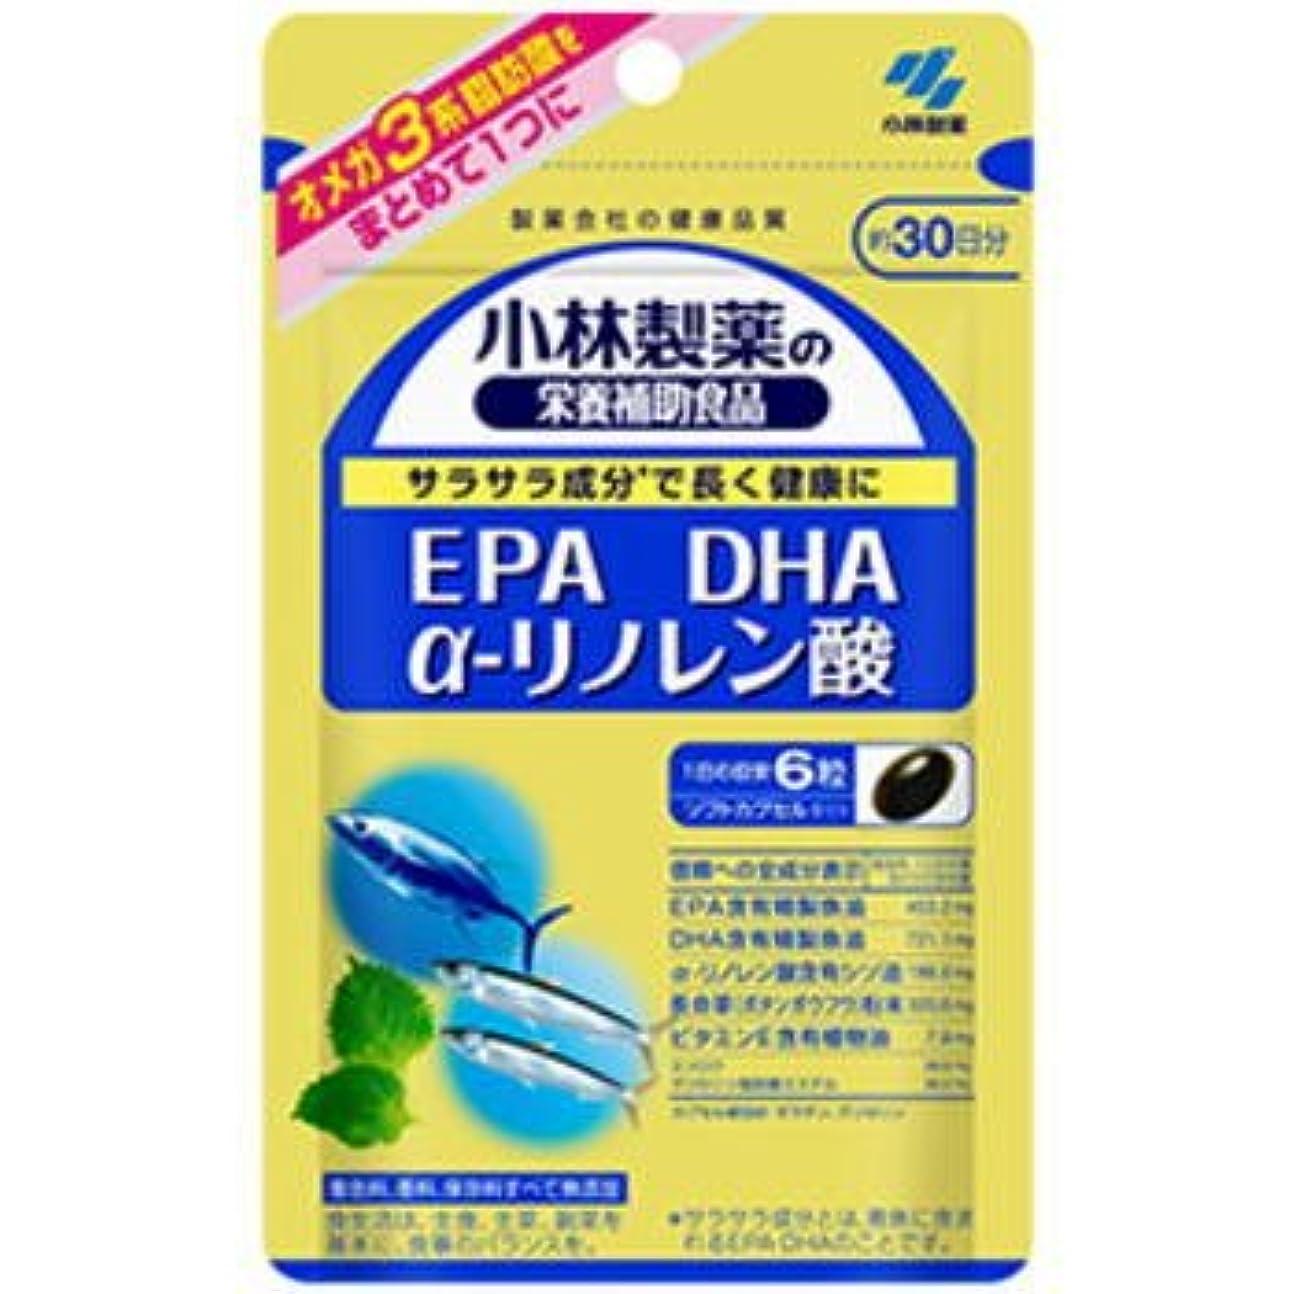 掃くメディック真面目な小林製薬 EPA DHA α-リノレン酸 180粒×6個セット【ネコポス発送】